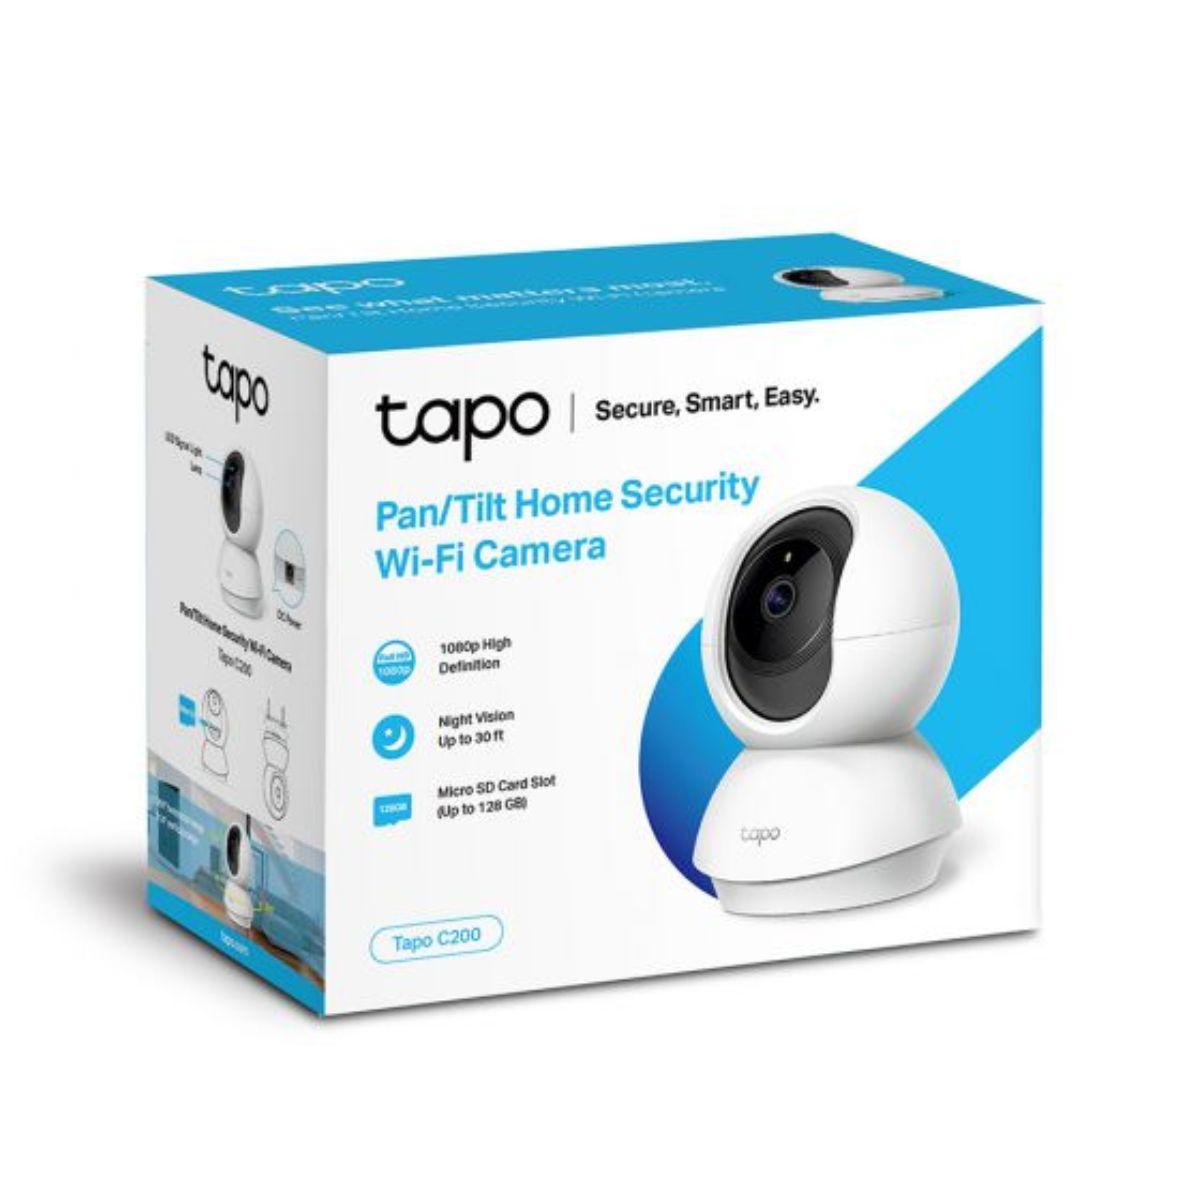 מצלמה אלחוטית מתנייעת Tp-Link C200 Wi-Fi 2MP IP Tapo